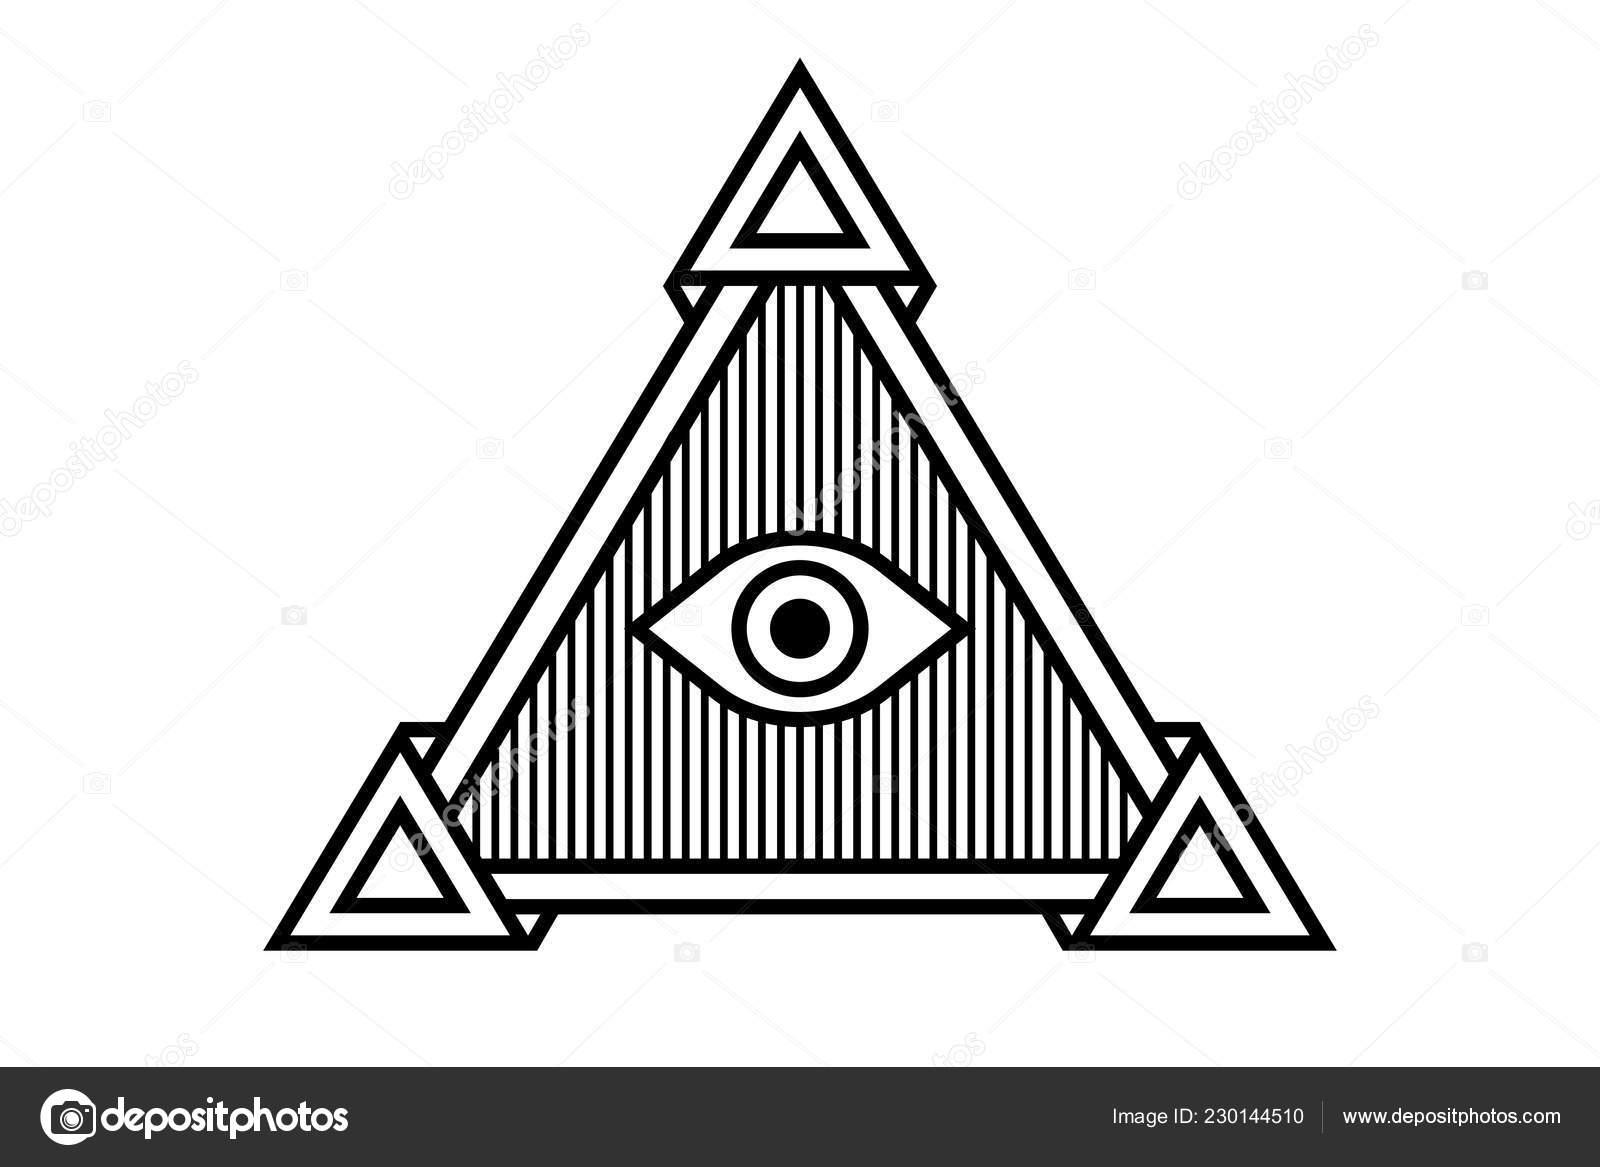 b24f688a43f8b Ilustración Icono Ver Todos Símbolo Del Ojo Illuminati Pirámide Diferentes  — Vector de stock